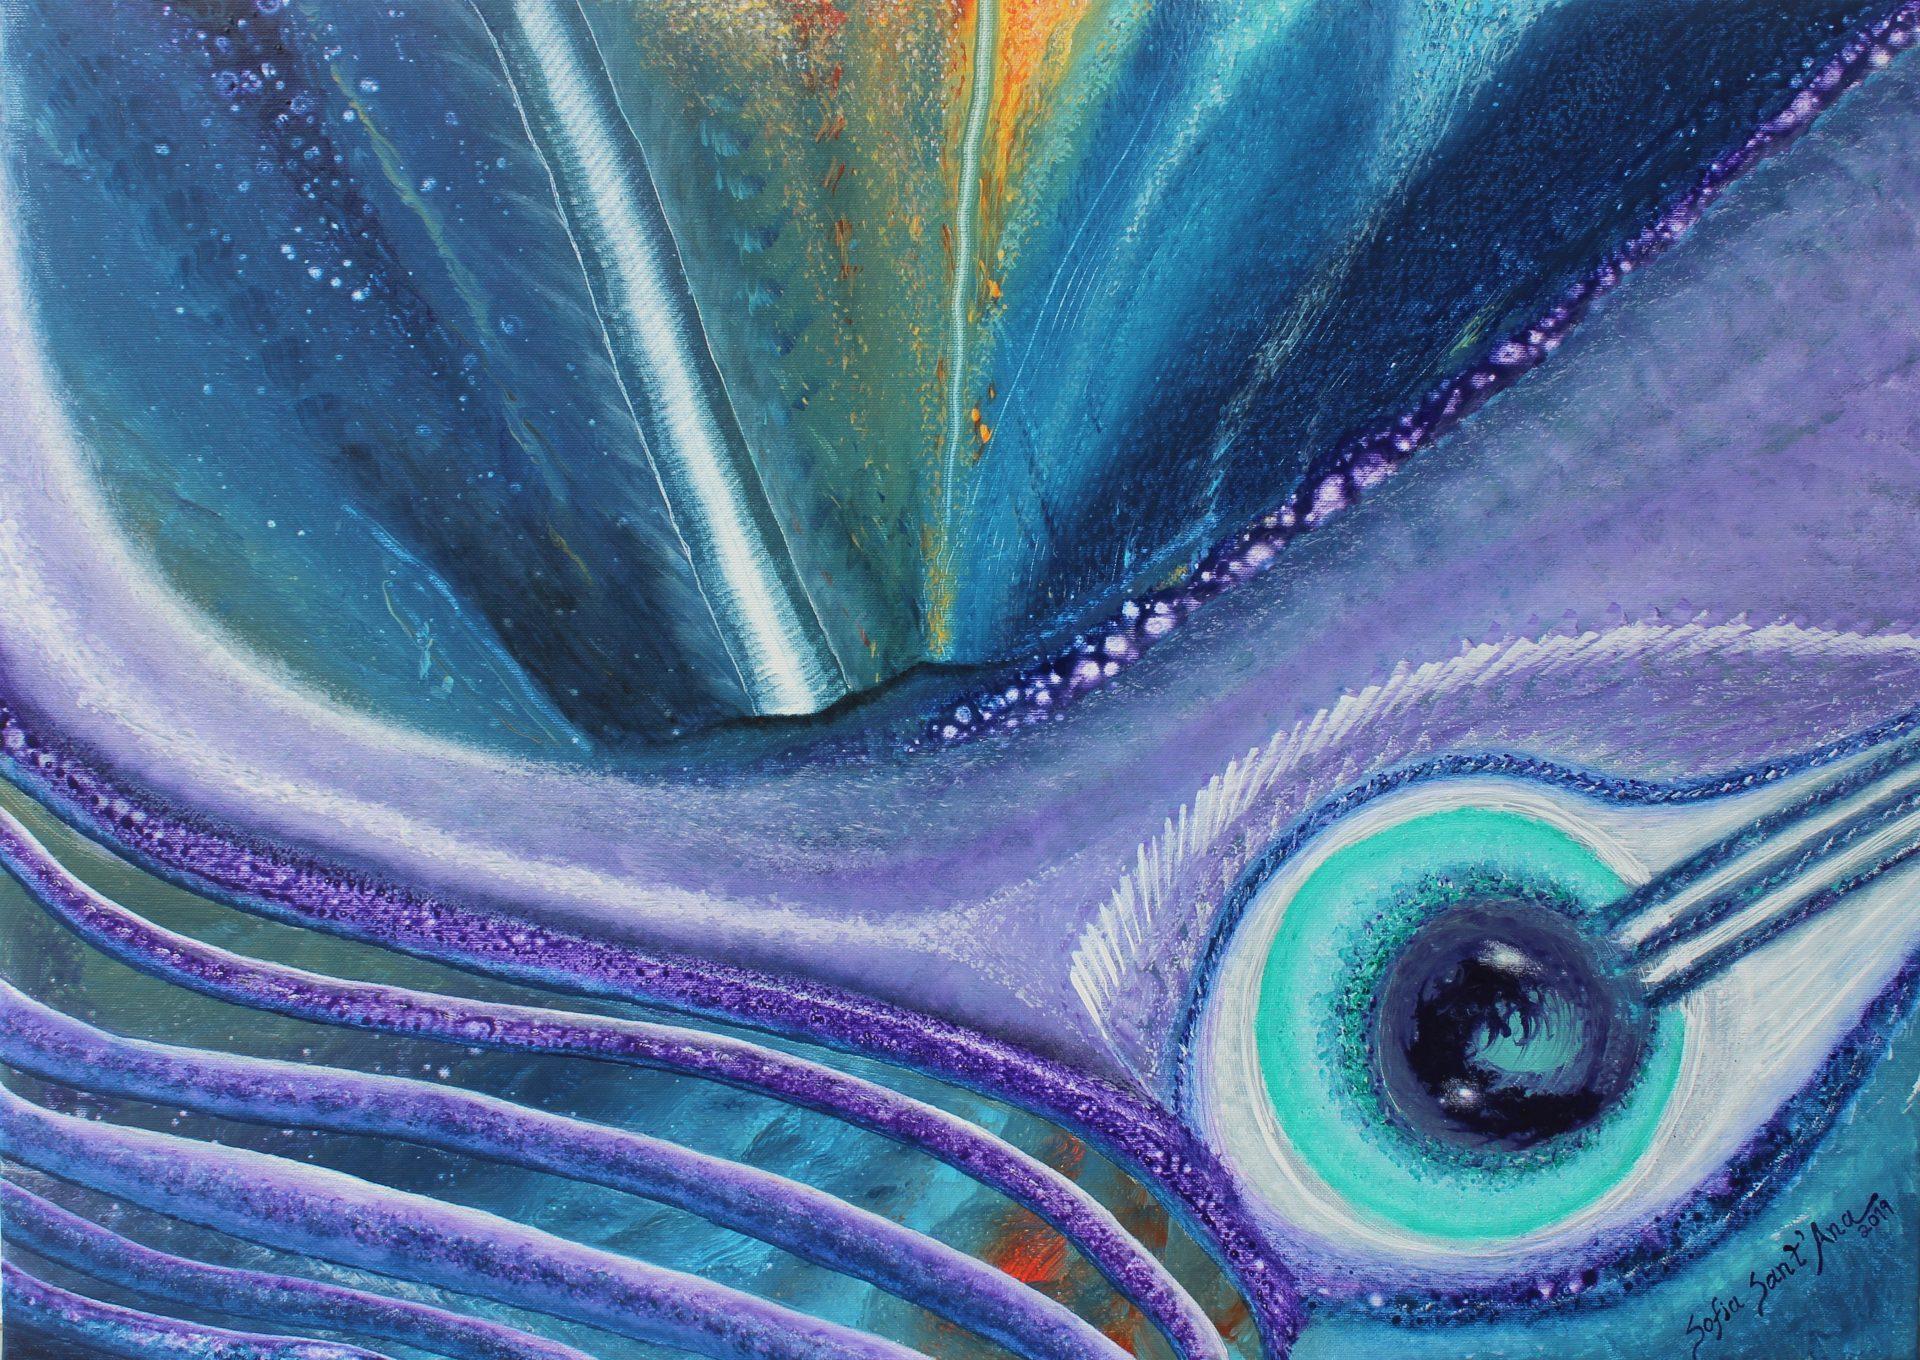 Obra Despertar do Ser pintada à mão em acrílico sobre tela